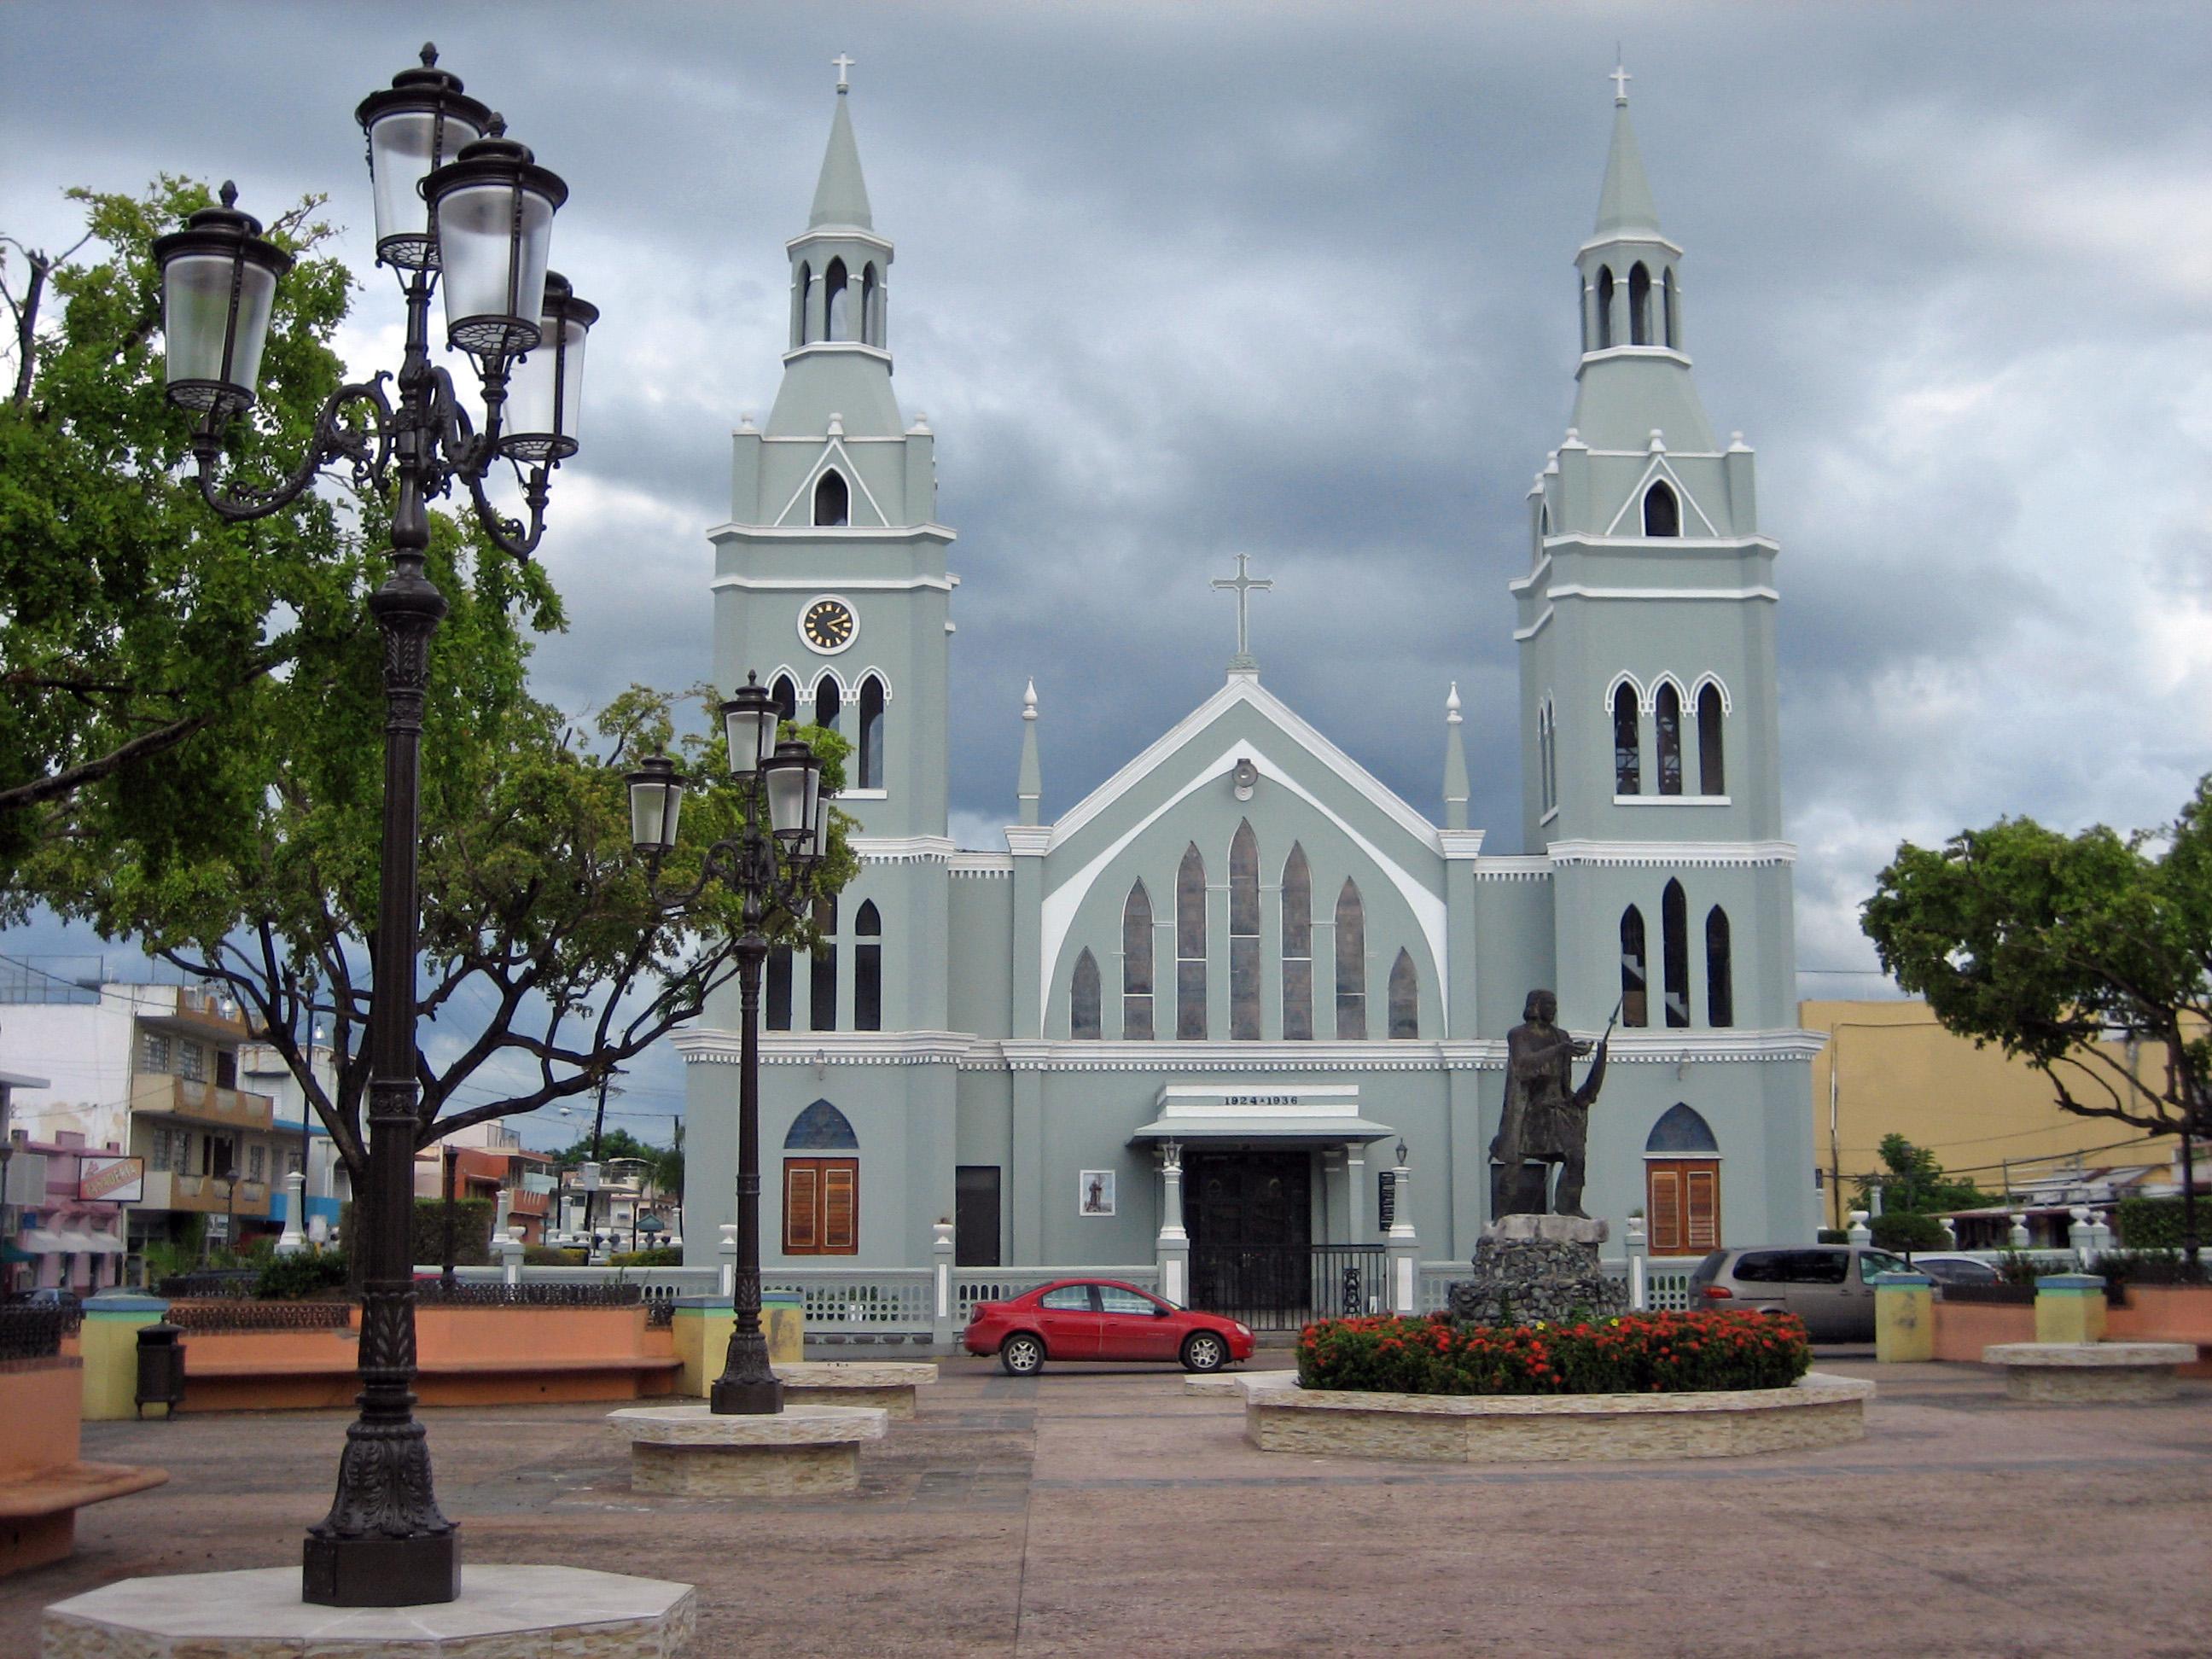 Aguada Puerto Rico Wikipedia